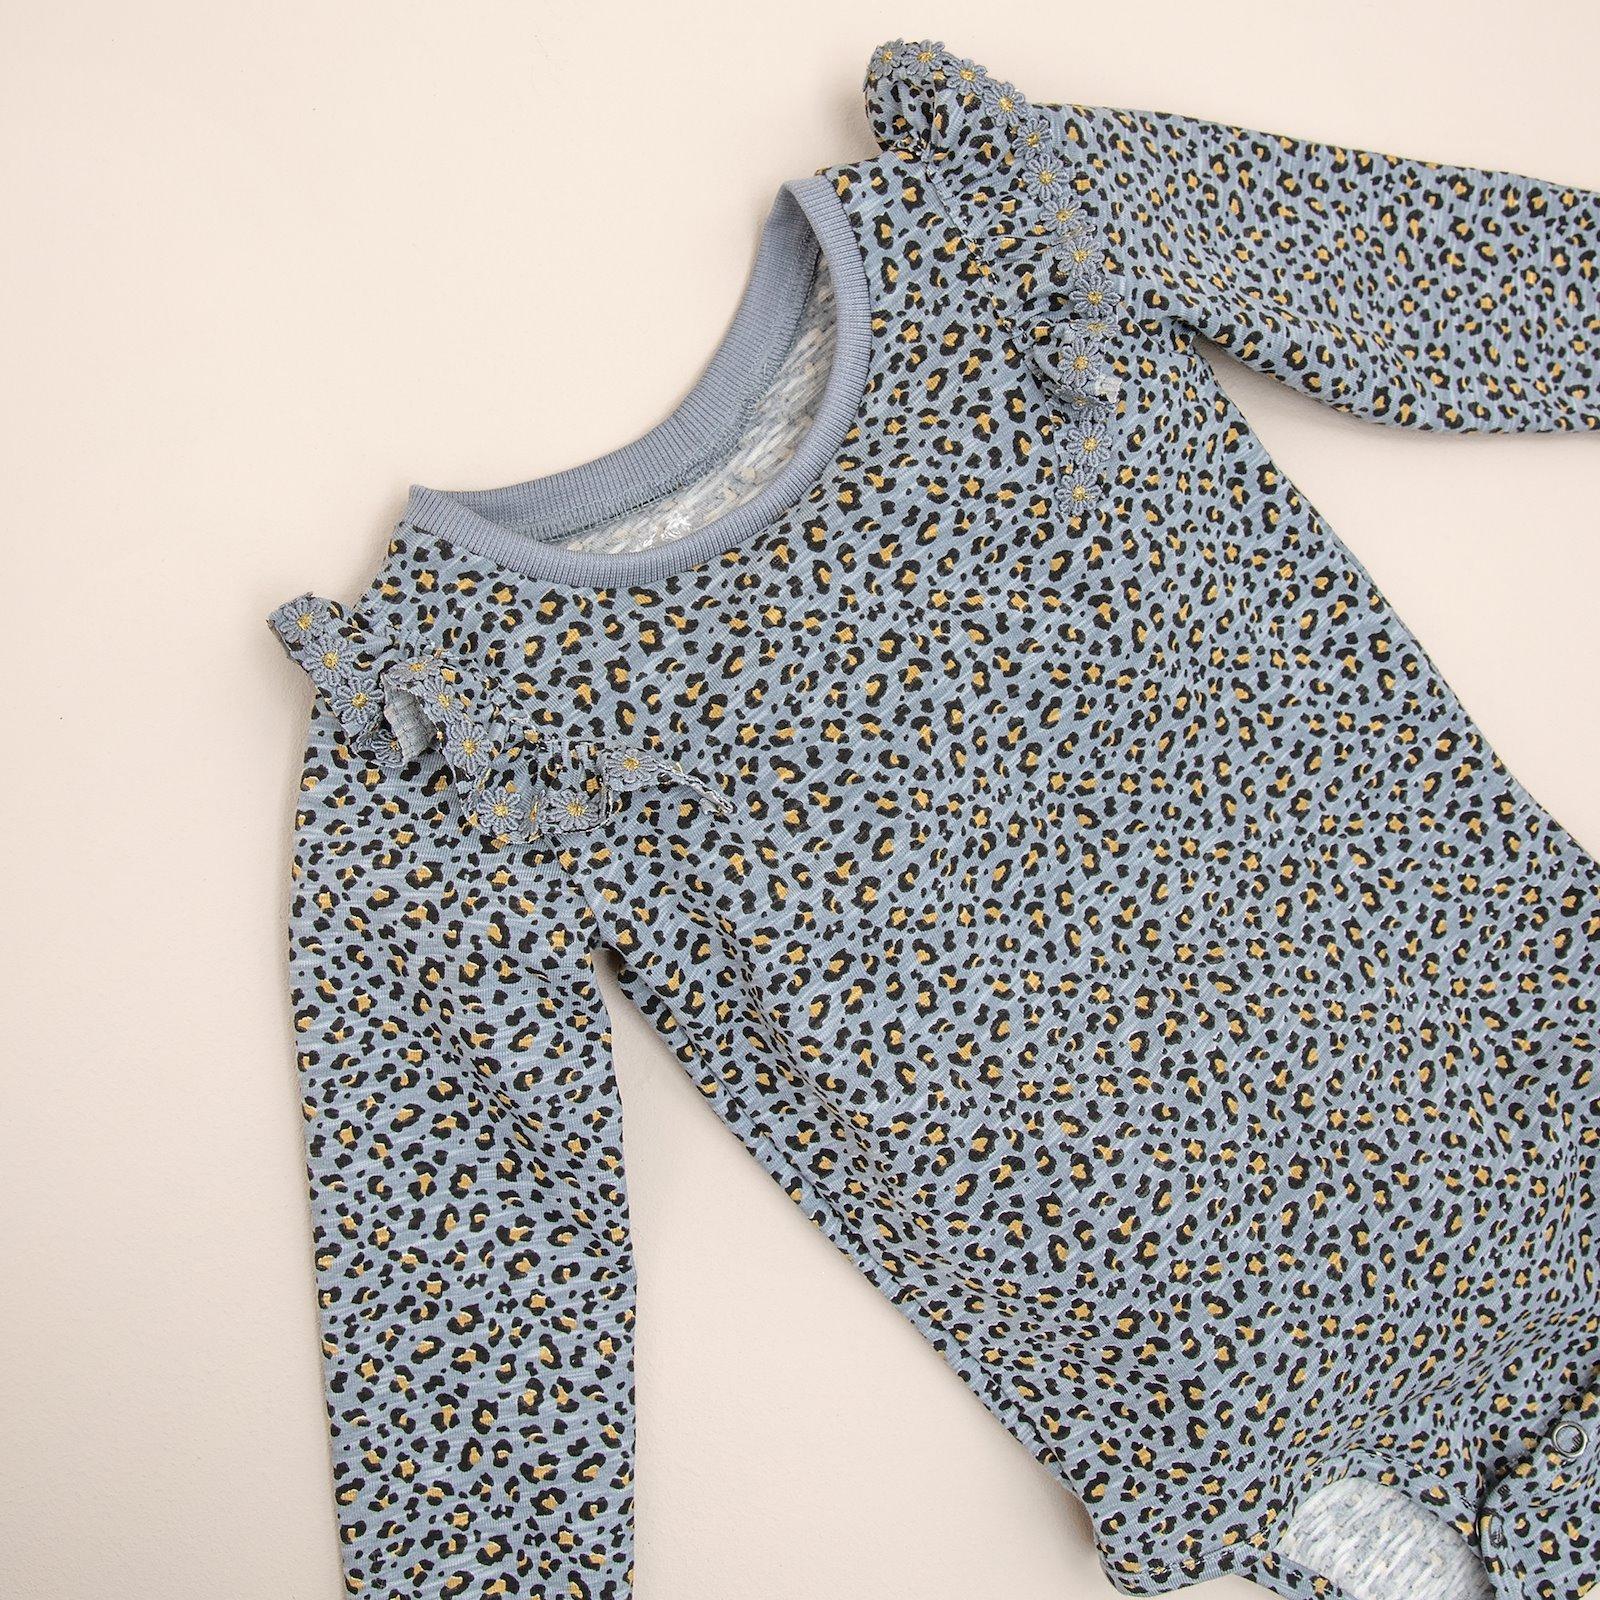 Organic slub st jersey blue grey w leo p81027_272788_272778_22209_sskit